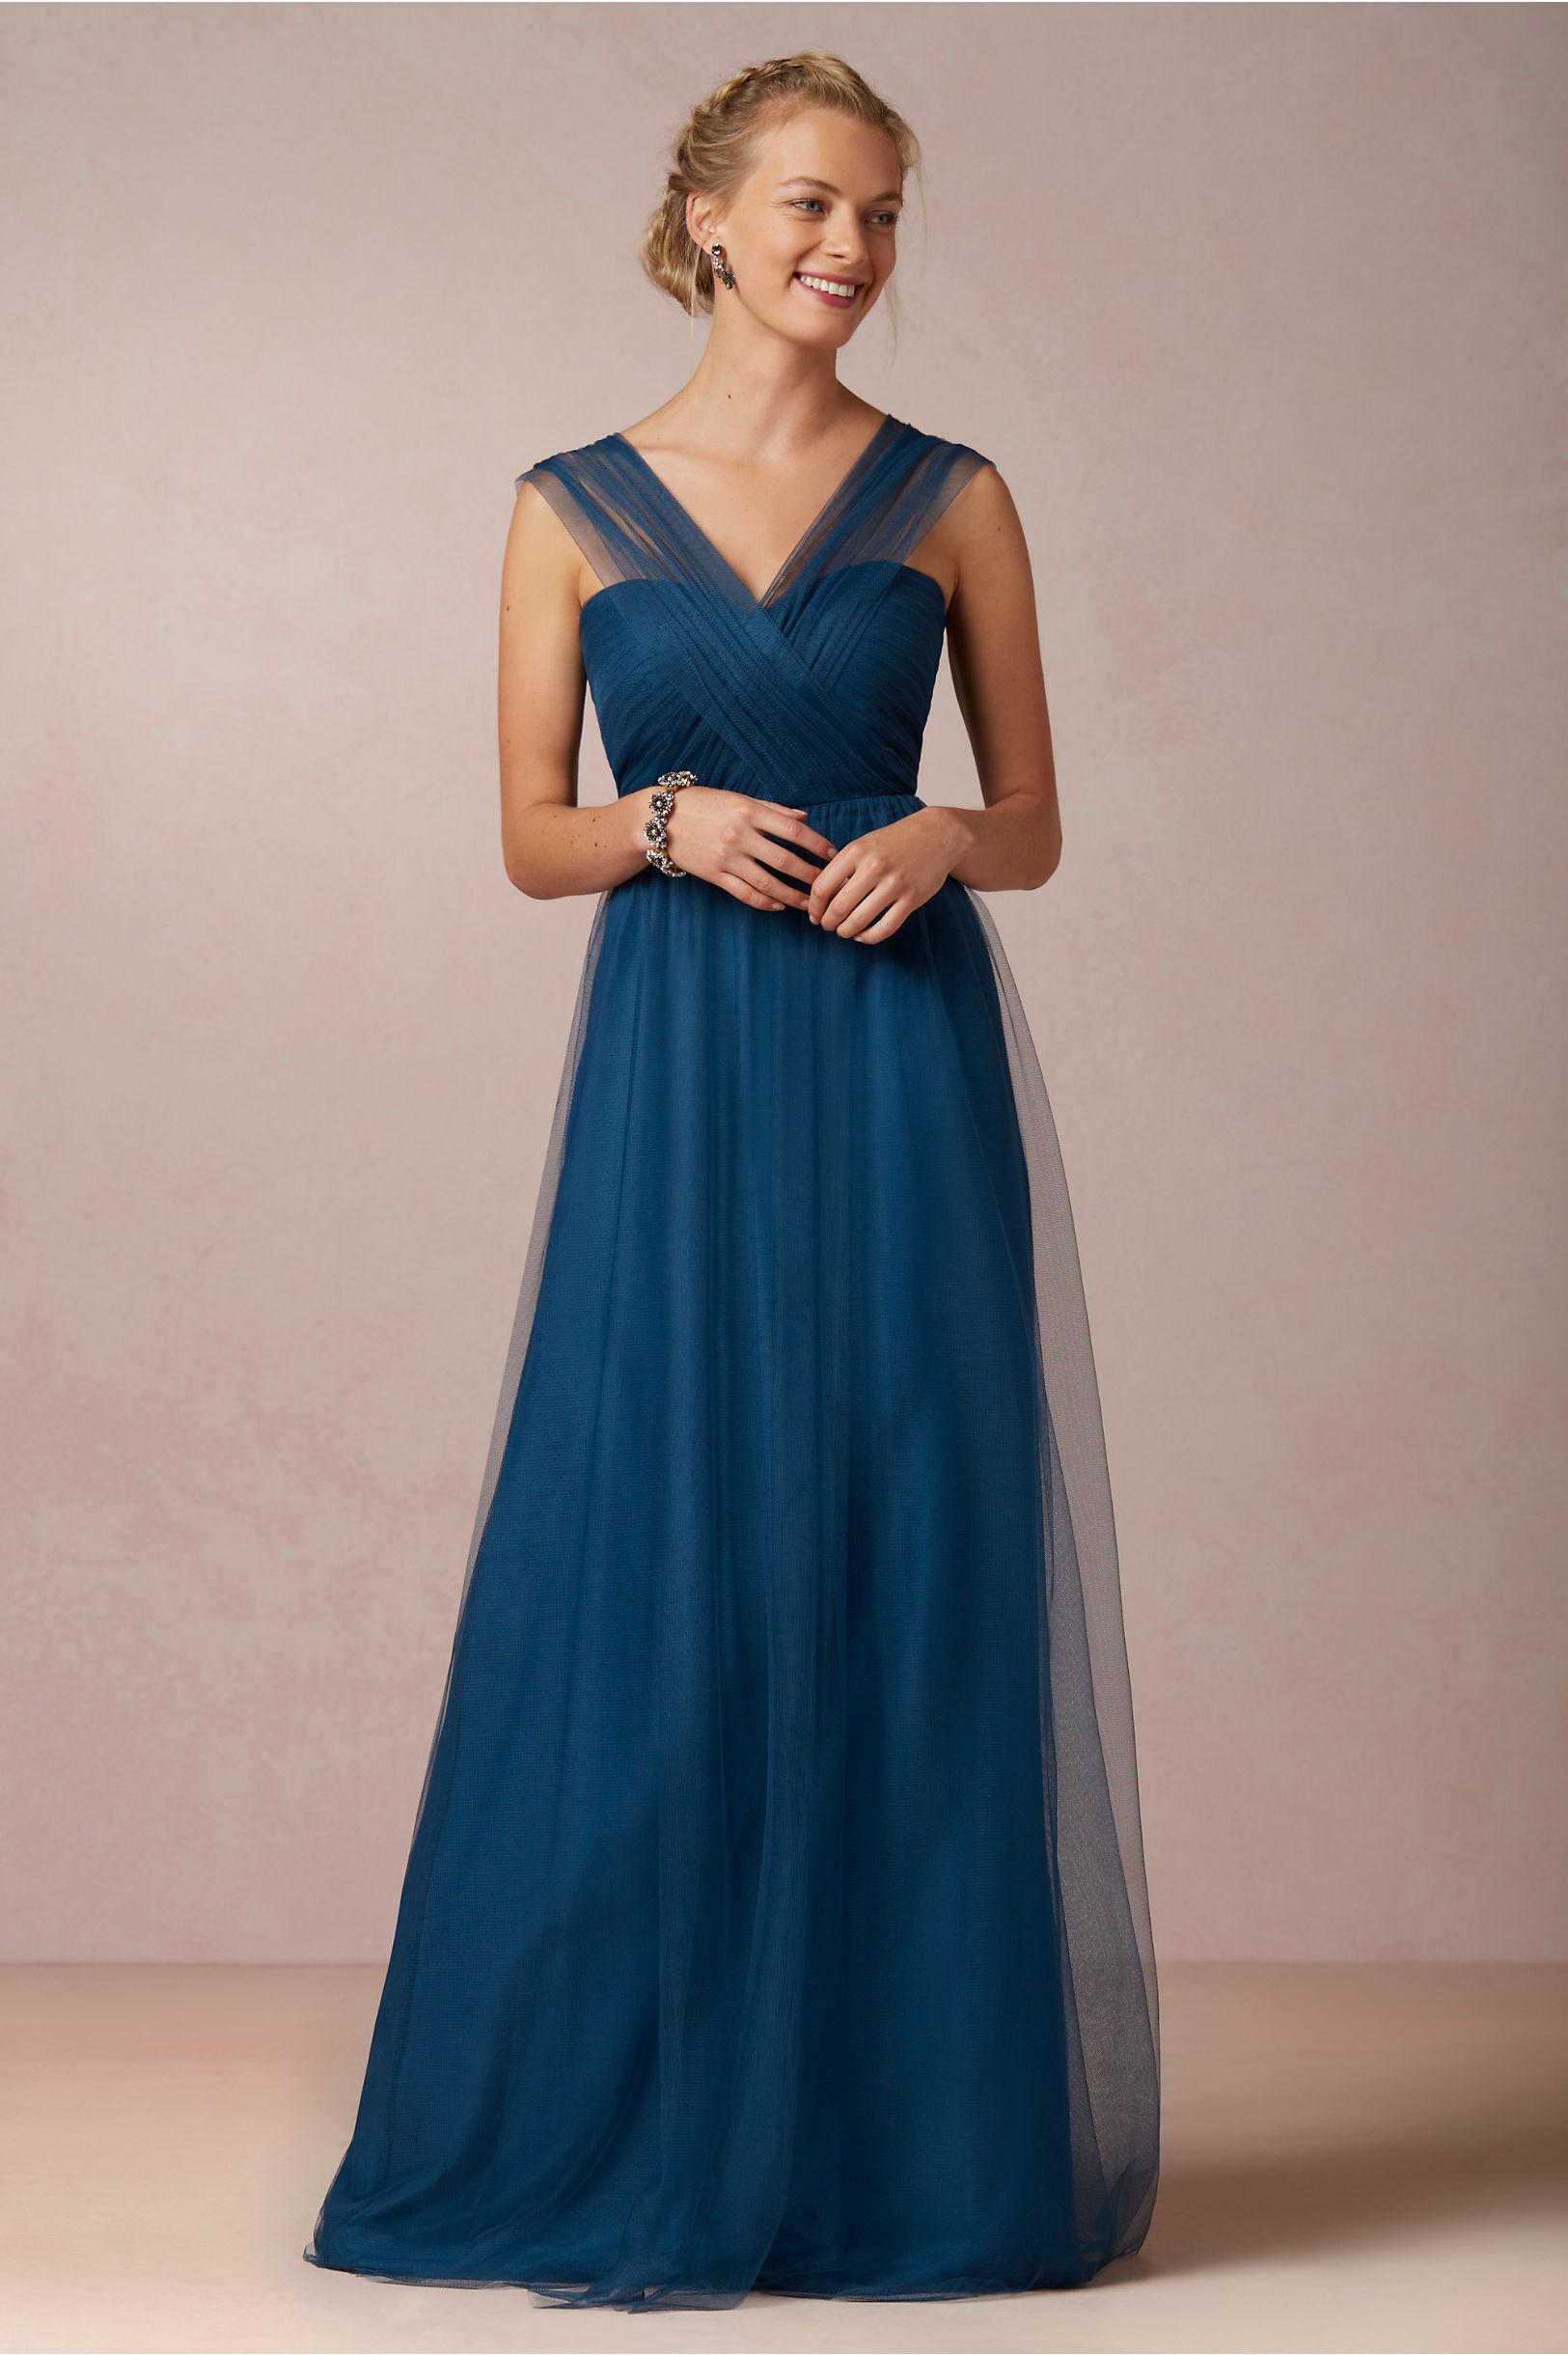 Annabelle Dress in Sale Dresses | BHLDN